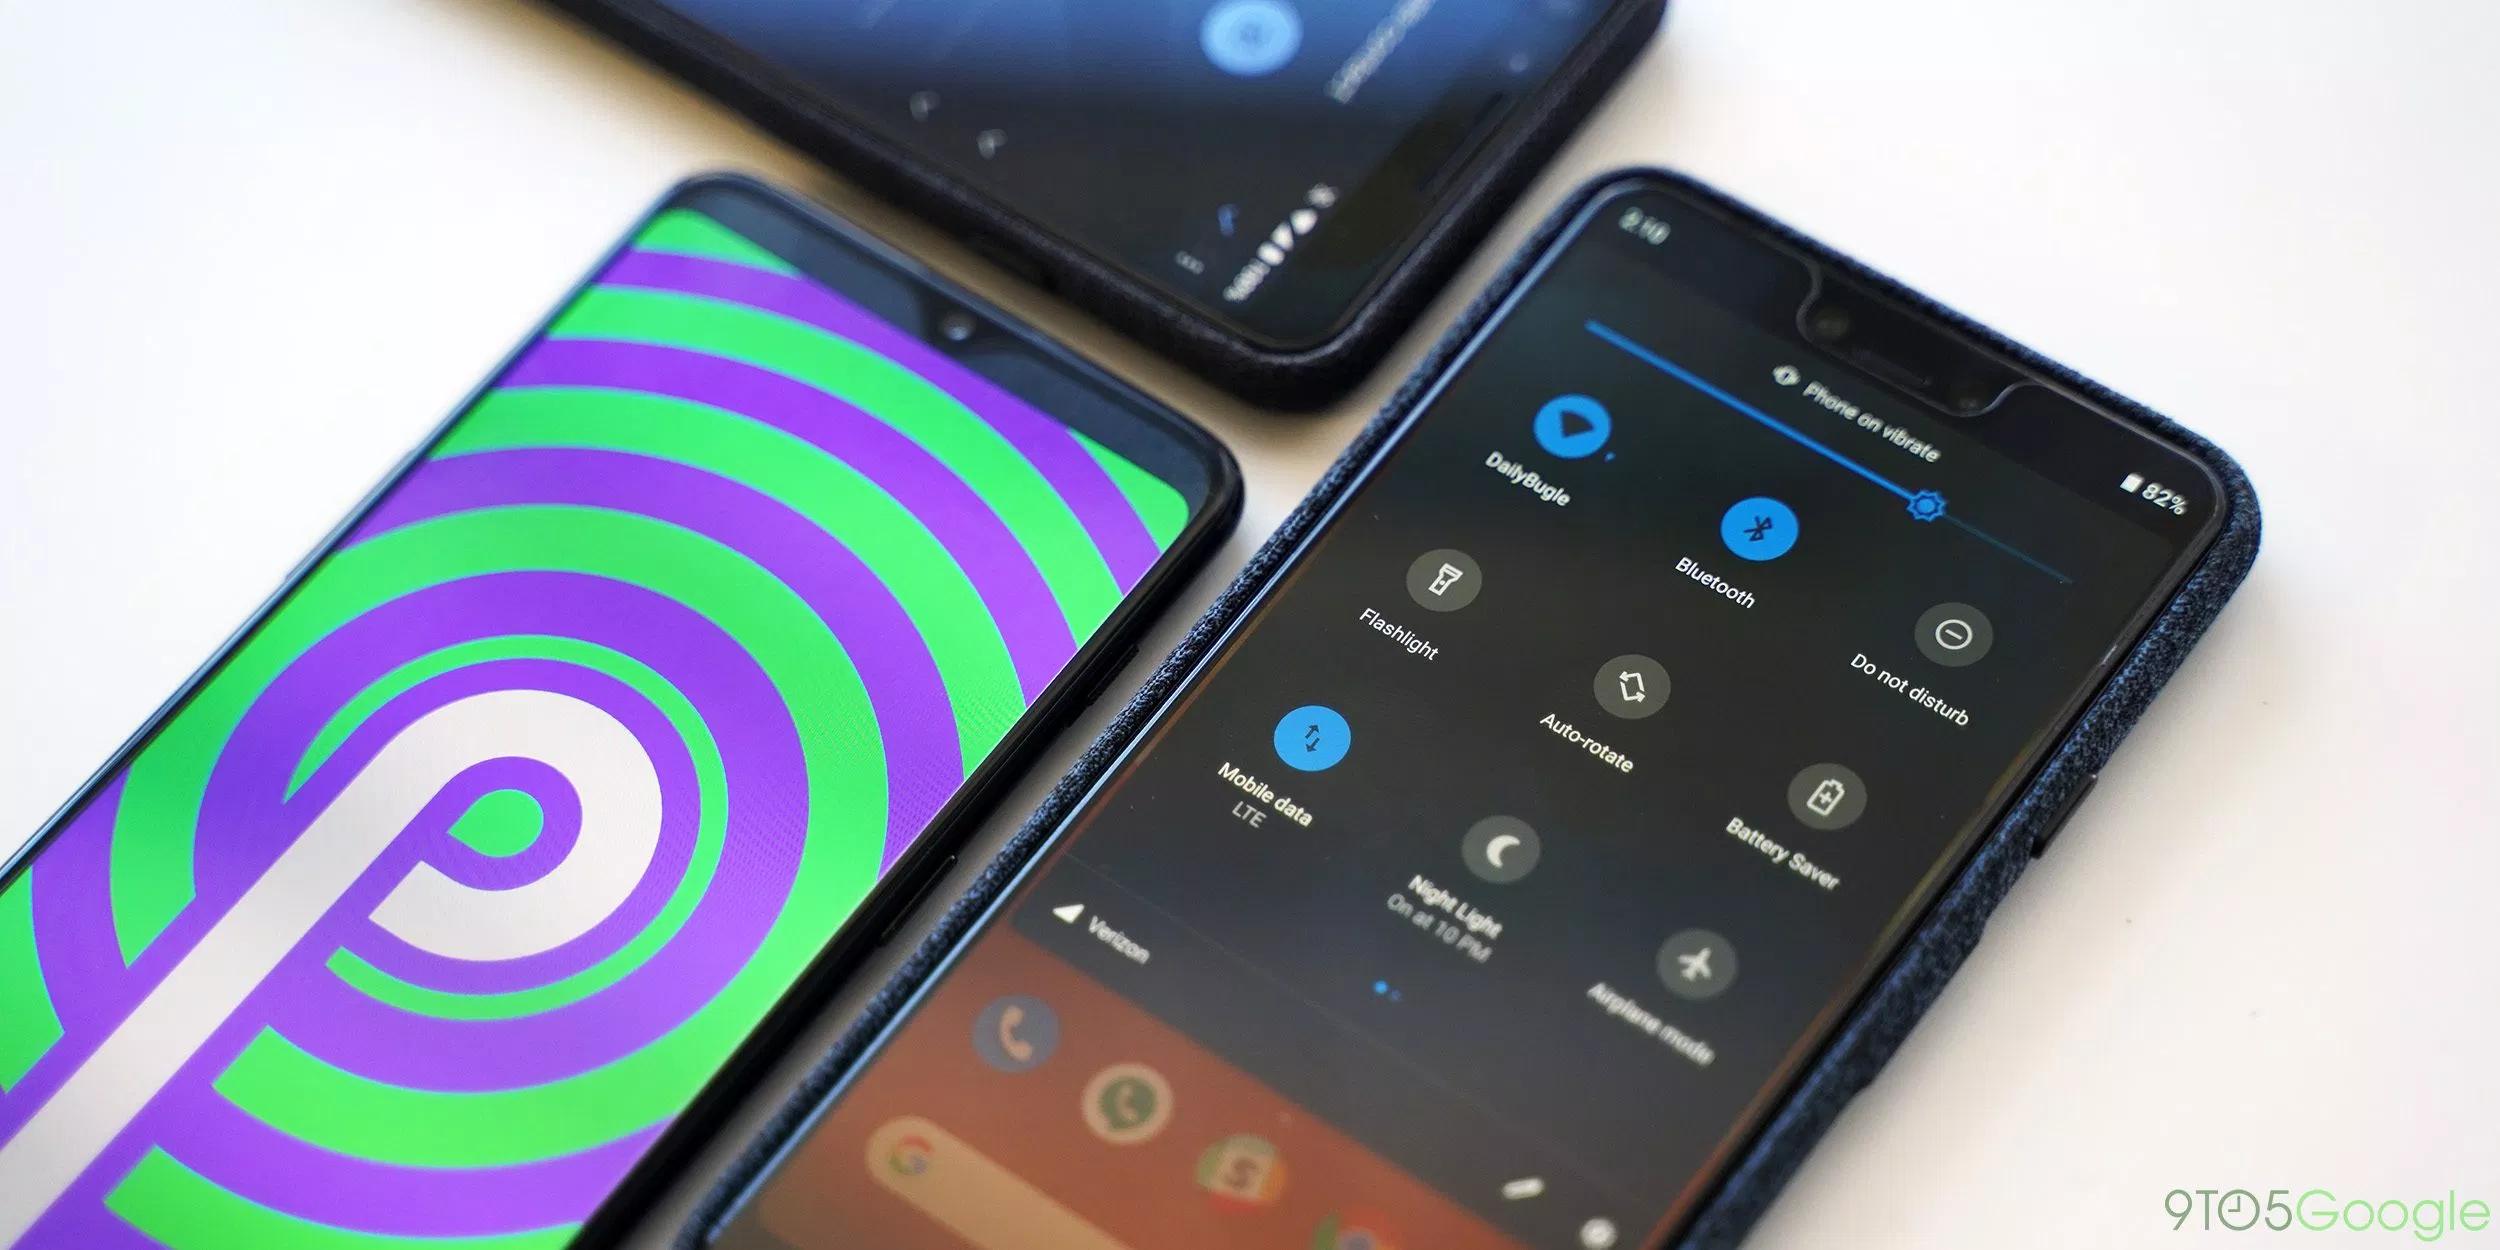 Cách bật chế độ tối Android ở mọi nơi mà nó có sẵn với hai cài đặt dễ dàng trên Pie